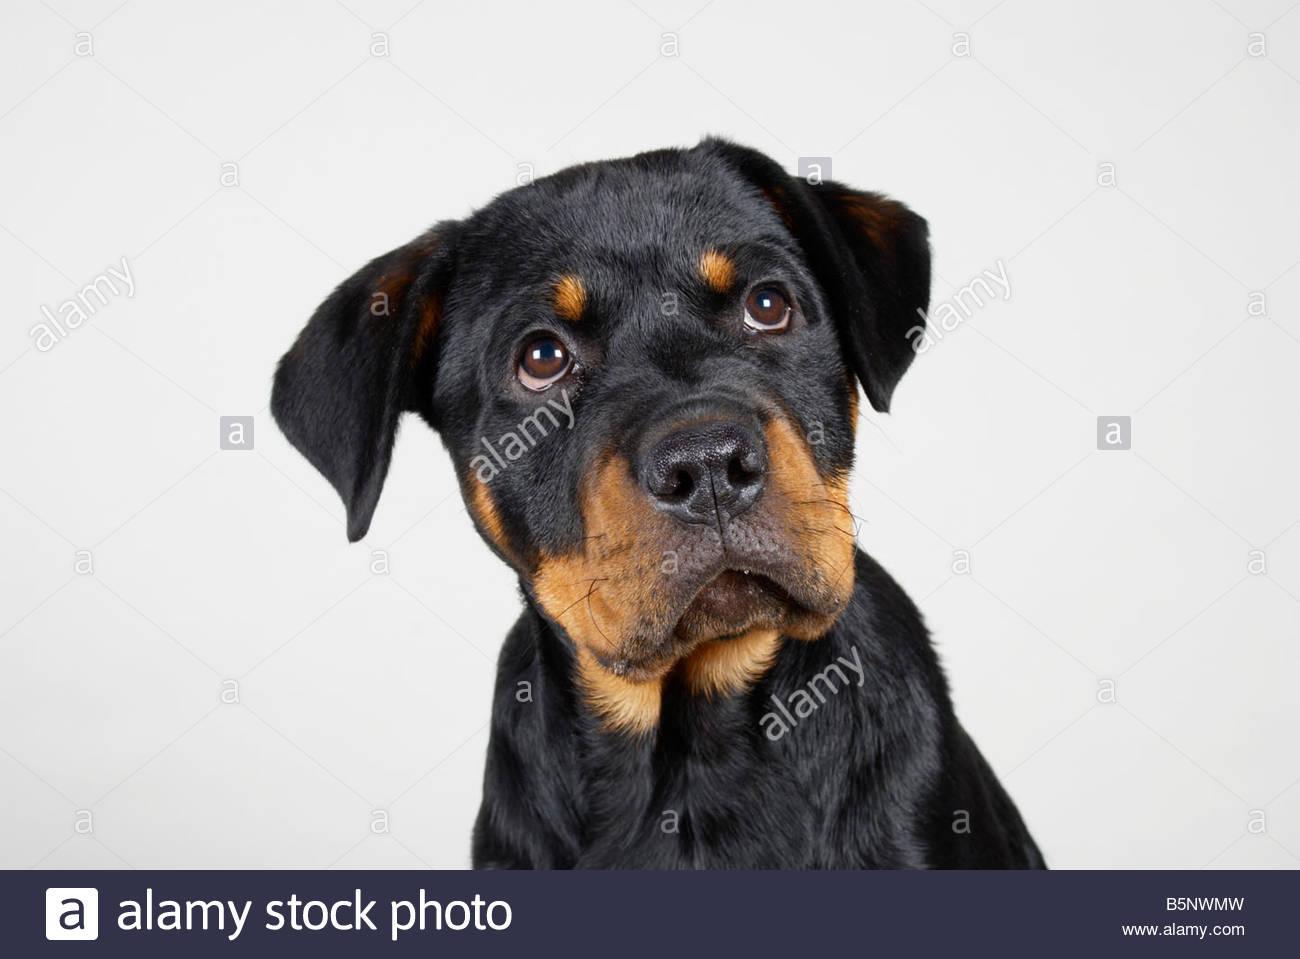 Rottweiler Ears Stock Photos & Rottweiler Ears Stock Images